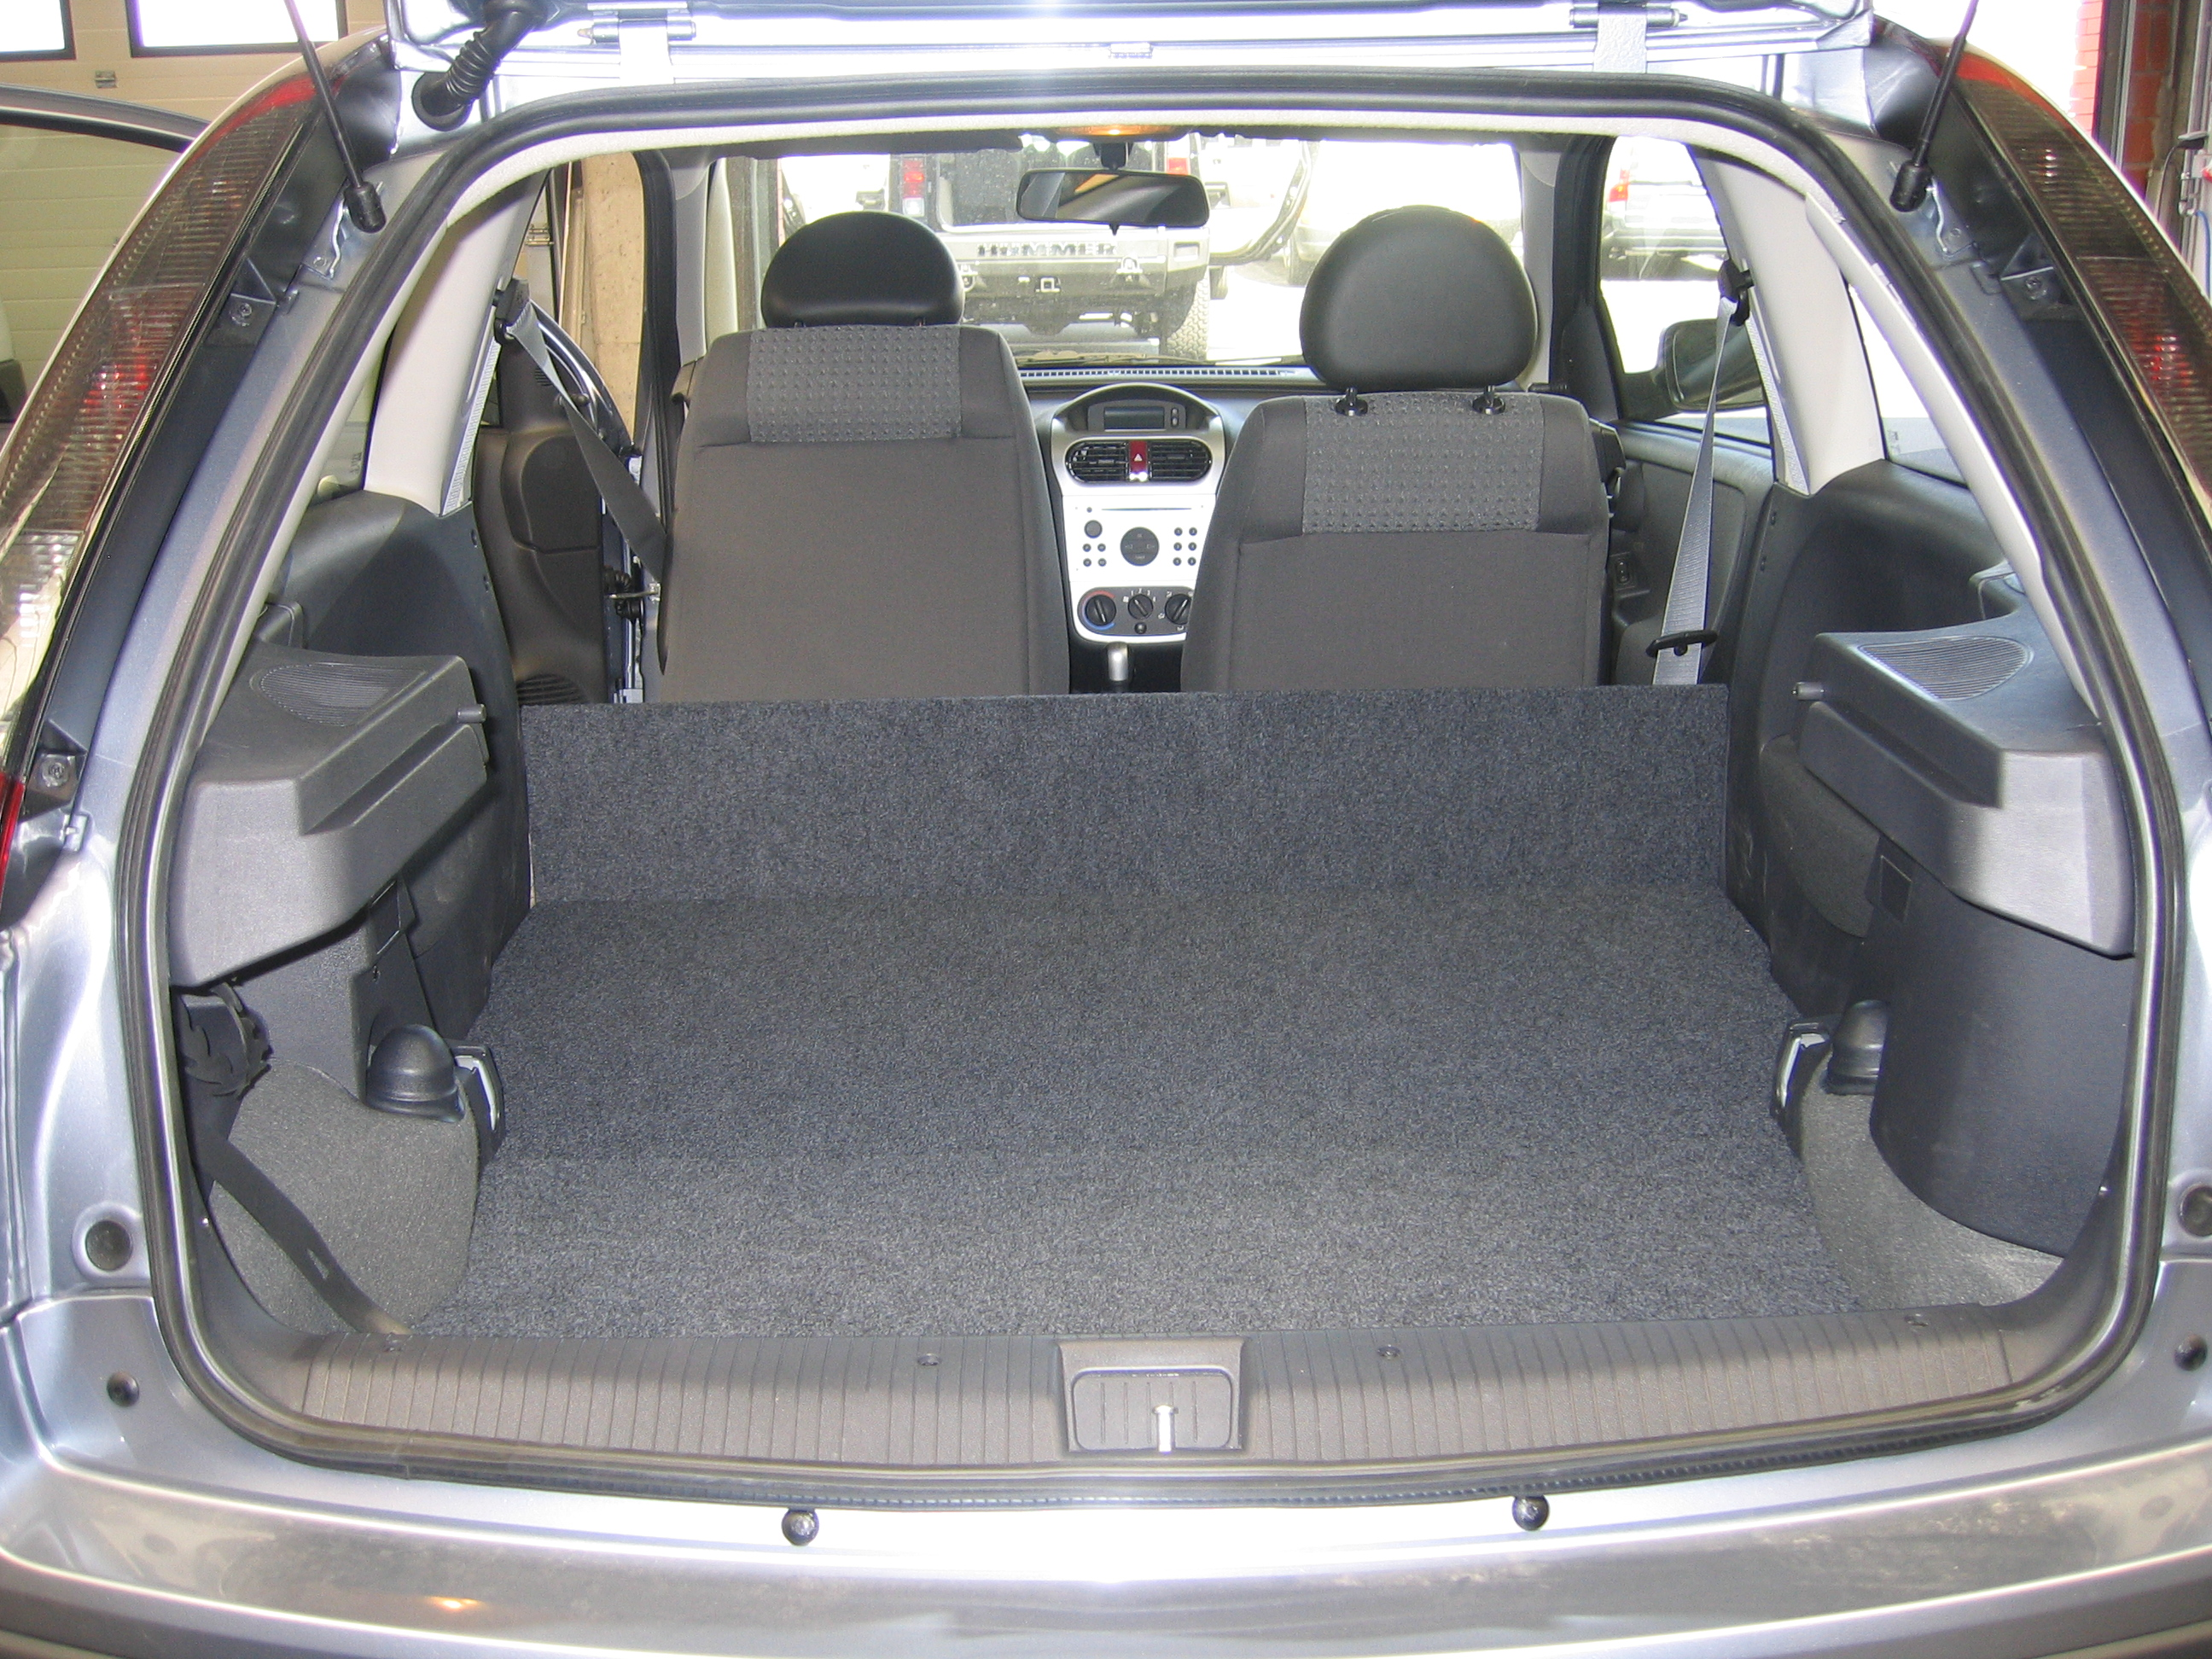 transformer un v hicule en utilitaire aso vous permet de transformer votre vehicule en. Black Bedroom Furniture Sets. Home Design Ideas